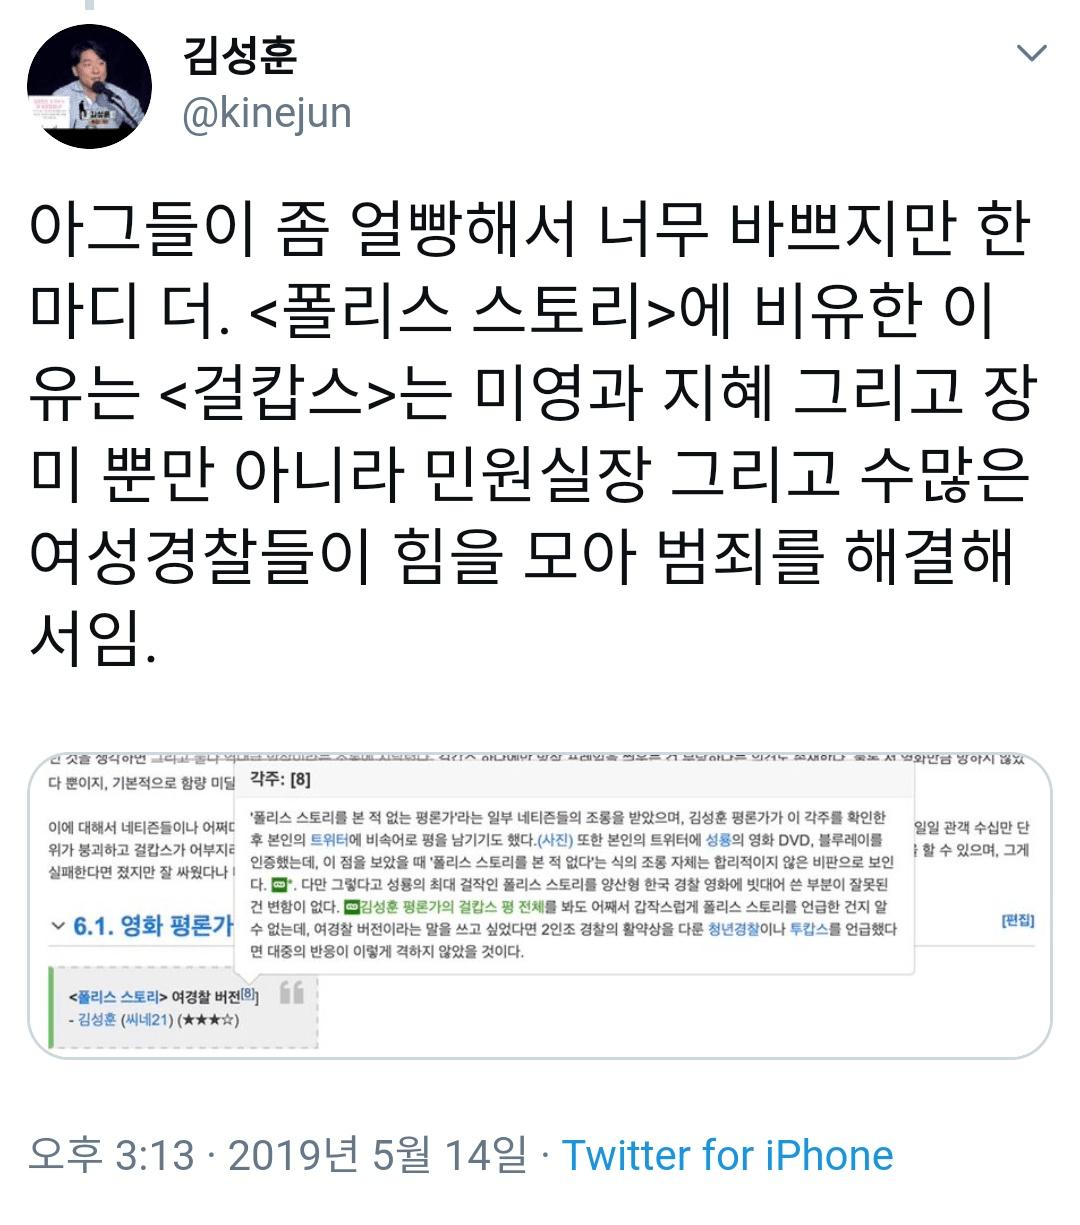 Screenshot_2019-05-14-15-32-41-545_com.android.chrome.png 평론가를 저격하는 나무위키를 저격하는 평론가를 저격하는...